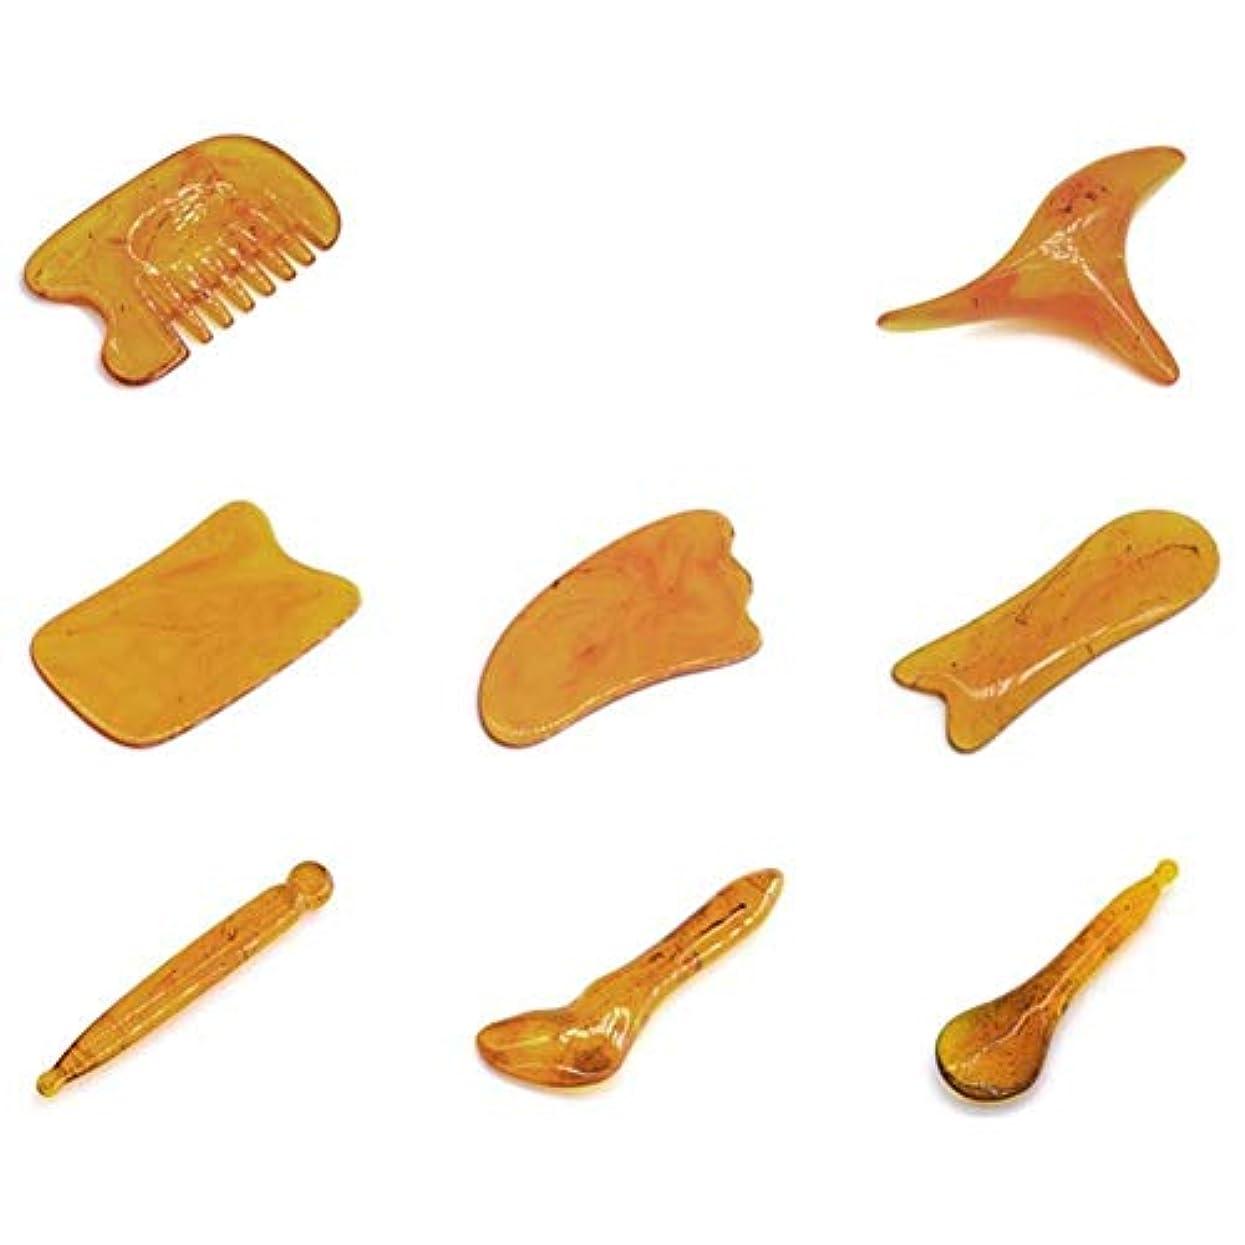 エクステント盗難疑問に思うGua Shaのこするマッサージ用具のハンドメイドのヒスイGuasha板、用具SPAの刺鍼術療法の表面腕のフィートの小さい三角形の形の引き金のポイント処置